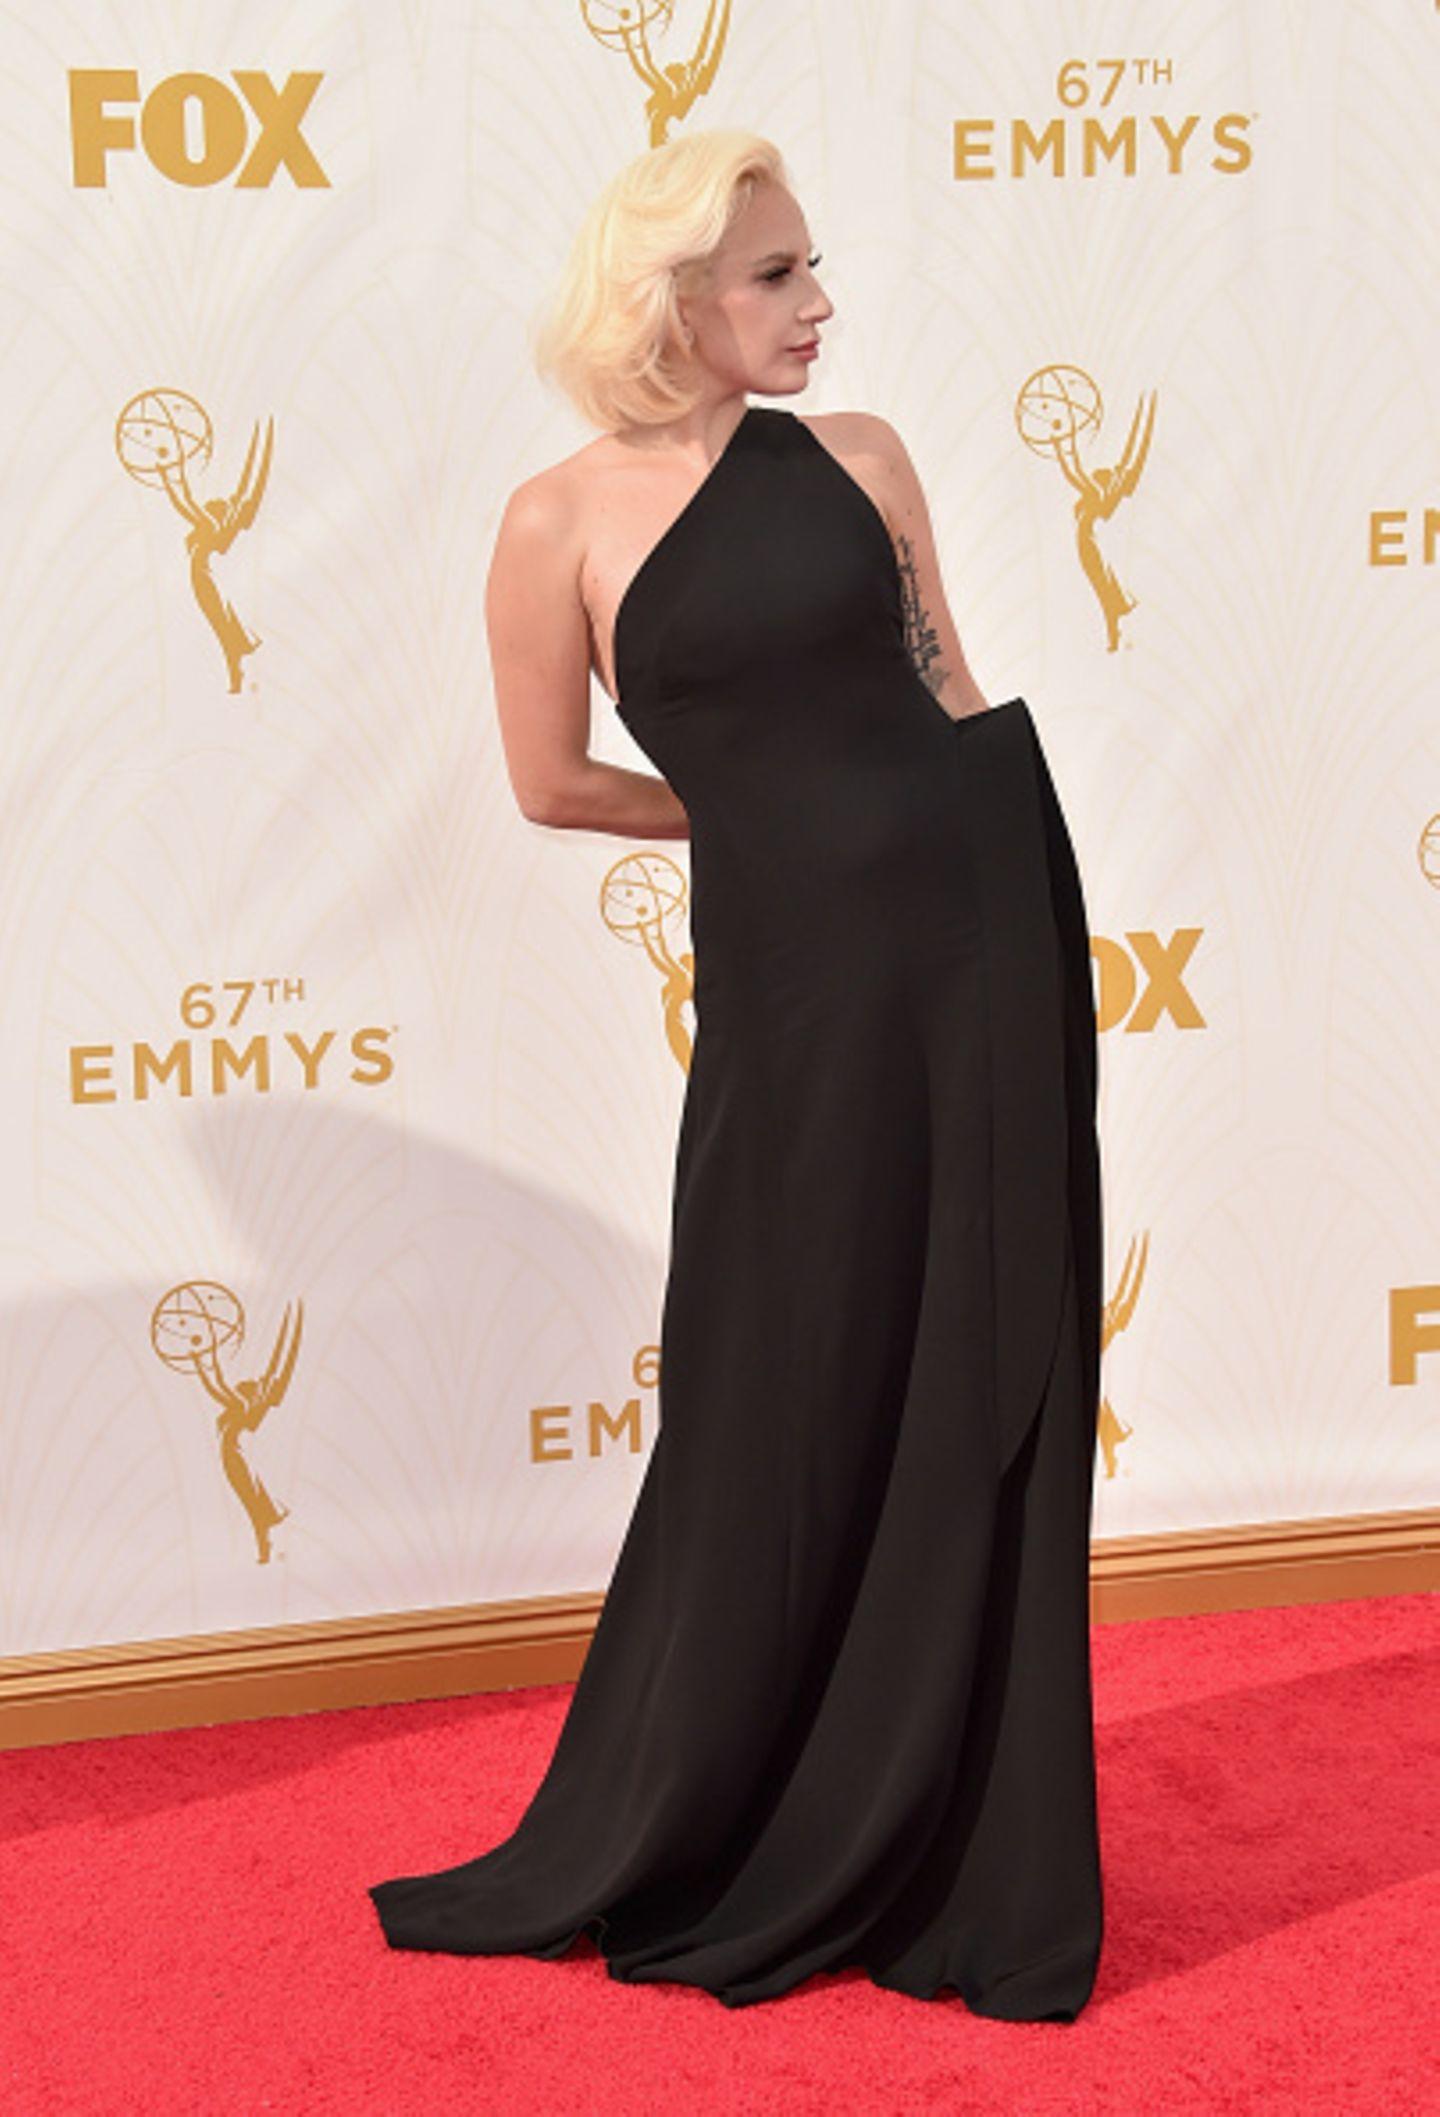 Vom Fleischkleid-Fail zur Outfit-Gewinnerin der Emmy Awards 2015: Wir mussten zweimal hinschauen, um Lady Gaga unter diesem eleganten Kleid in Schwarz von Brandon Maxwell zu erkennen. Schlicht, elegant und trotzdem alles andere als langweilig. Eine verdiente Top 1!